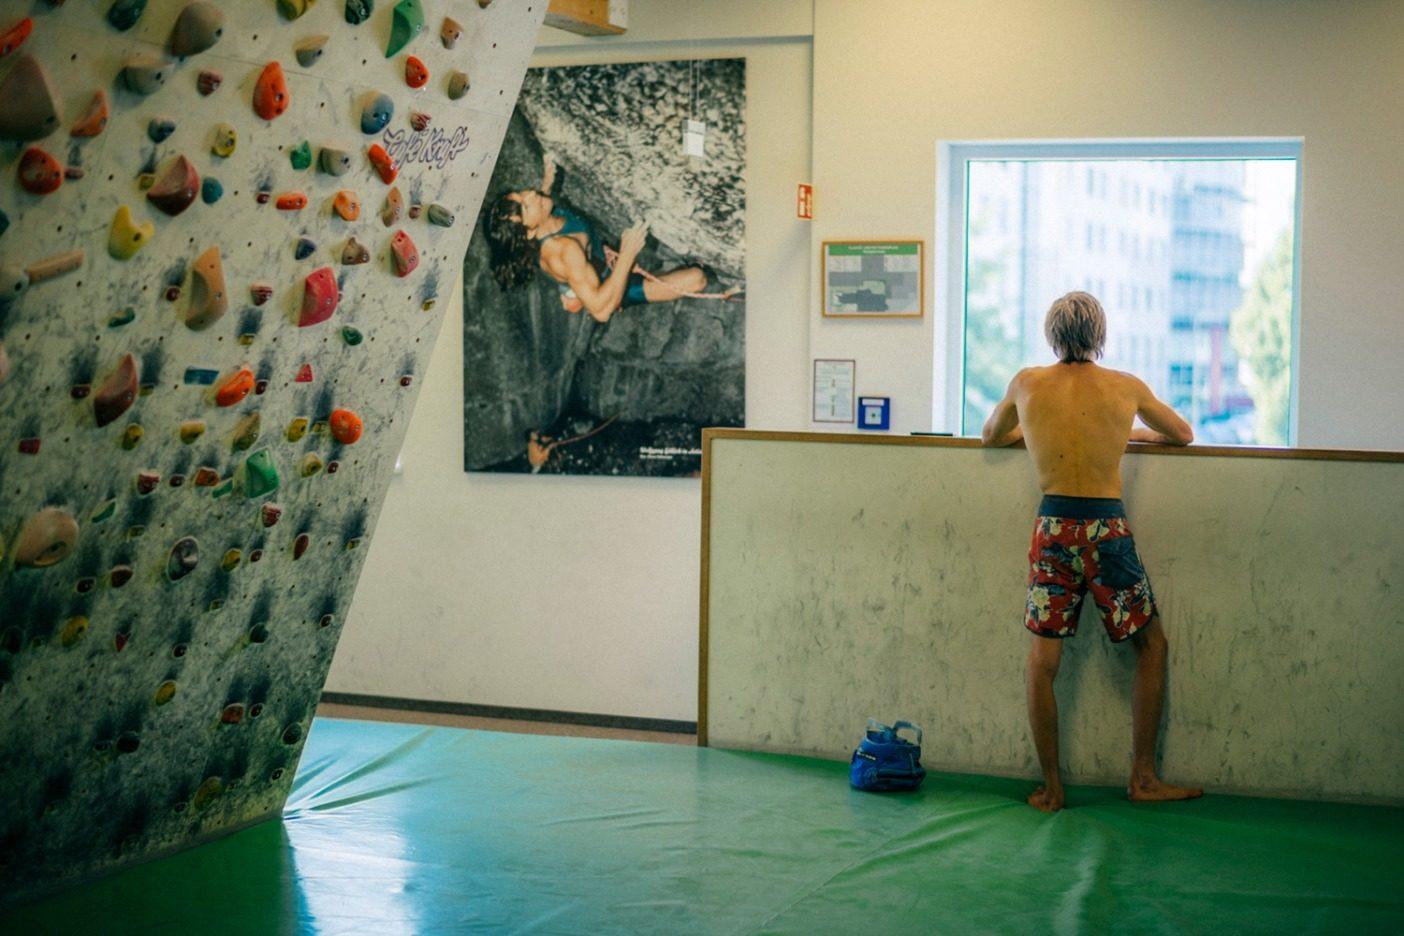 「アクション・ディレクト」を登る伝説的なヴォルフガング・ギュリッヒのポスターが見守るなか、トレーニングから休憩するアレックス。ドイツ、エアランゲン。Photo: Ken Etzel